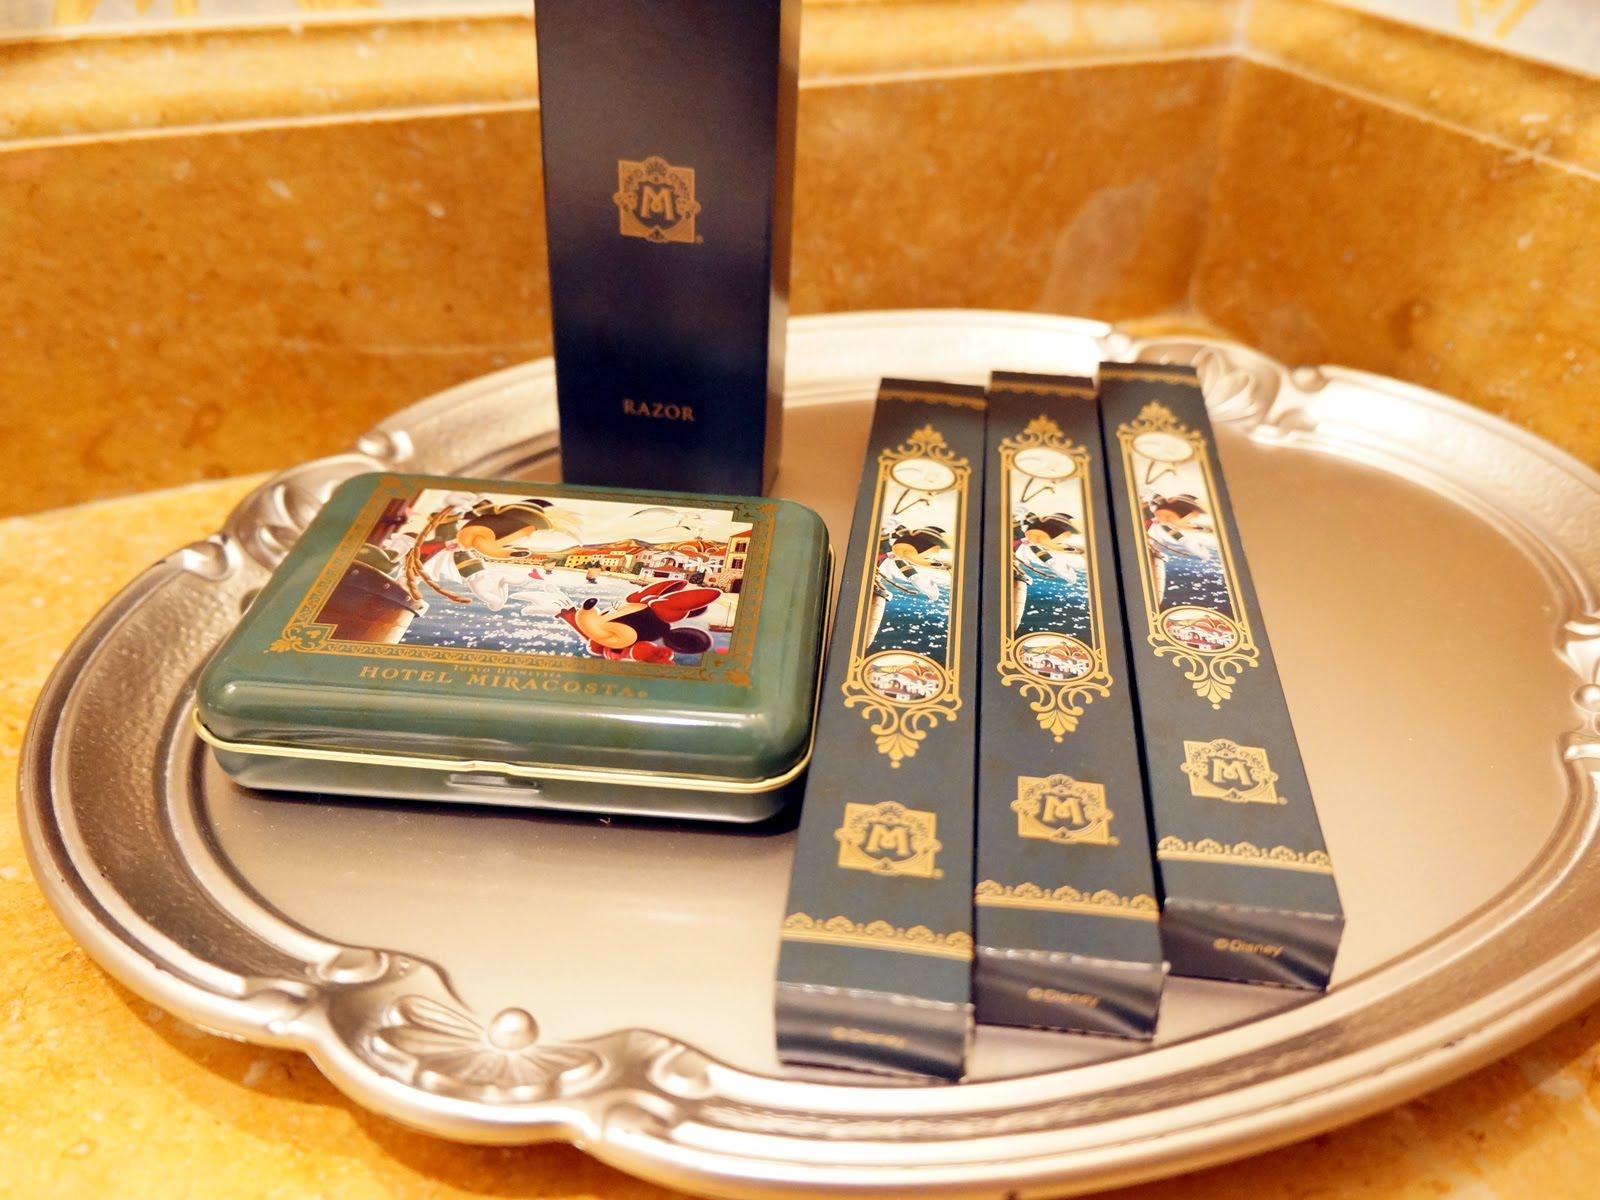 ディズニーホテルミラコスタに宿泊し特典を体験したのでブログにまとめ